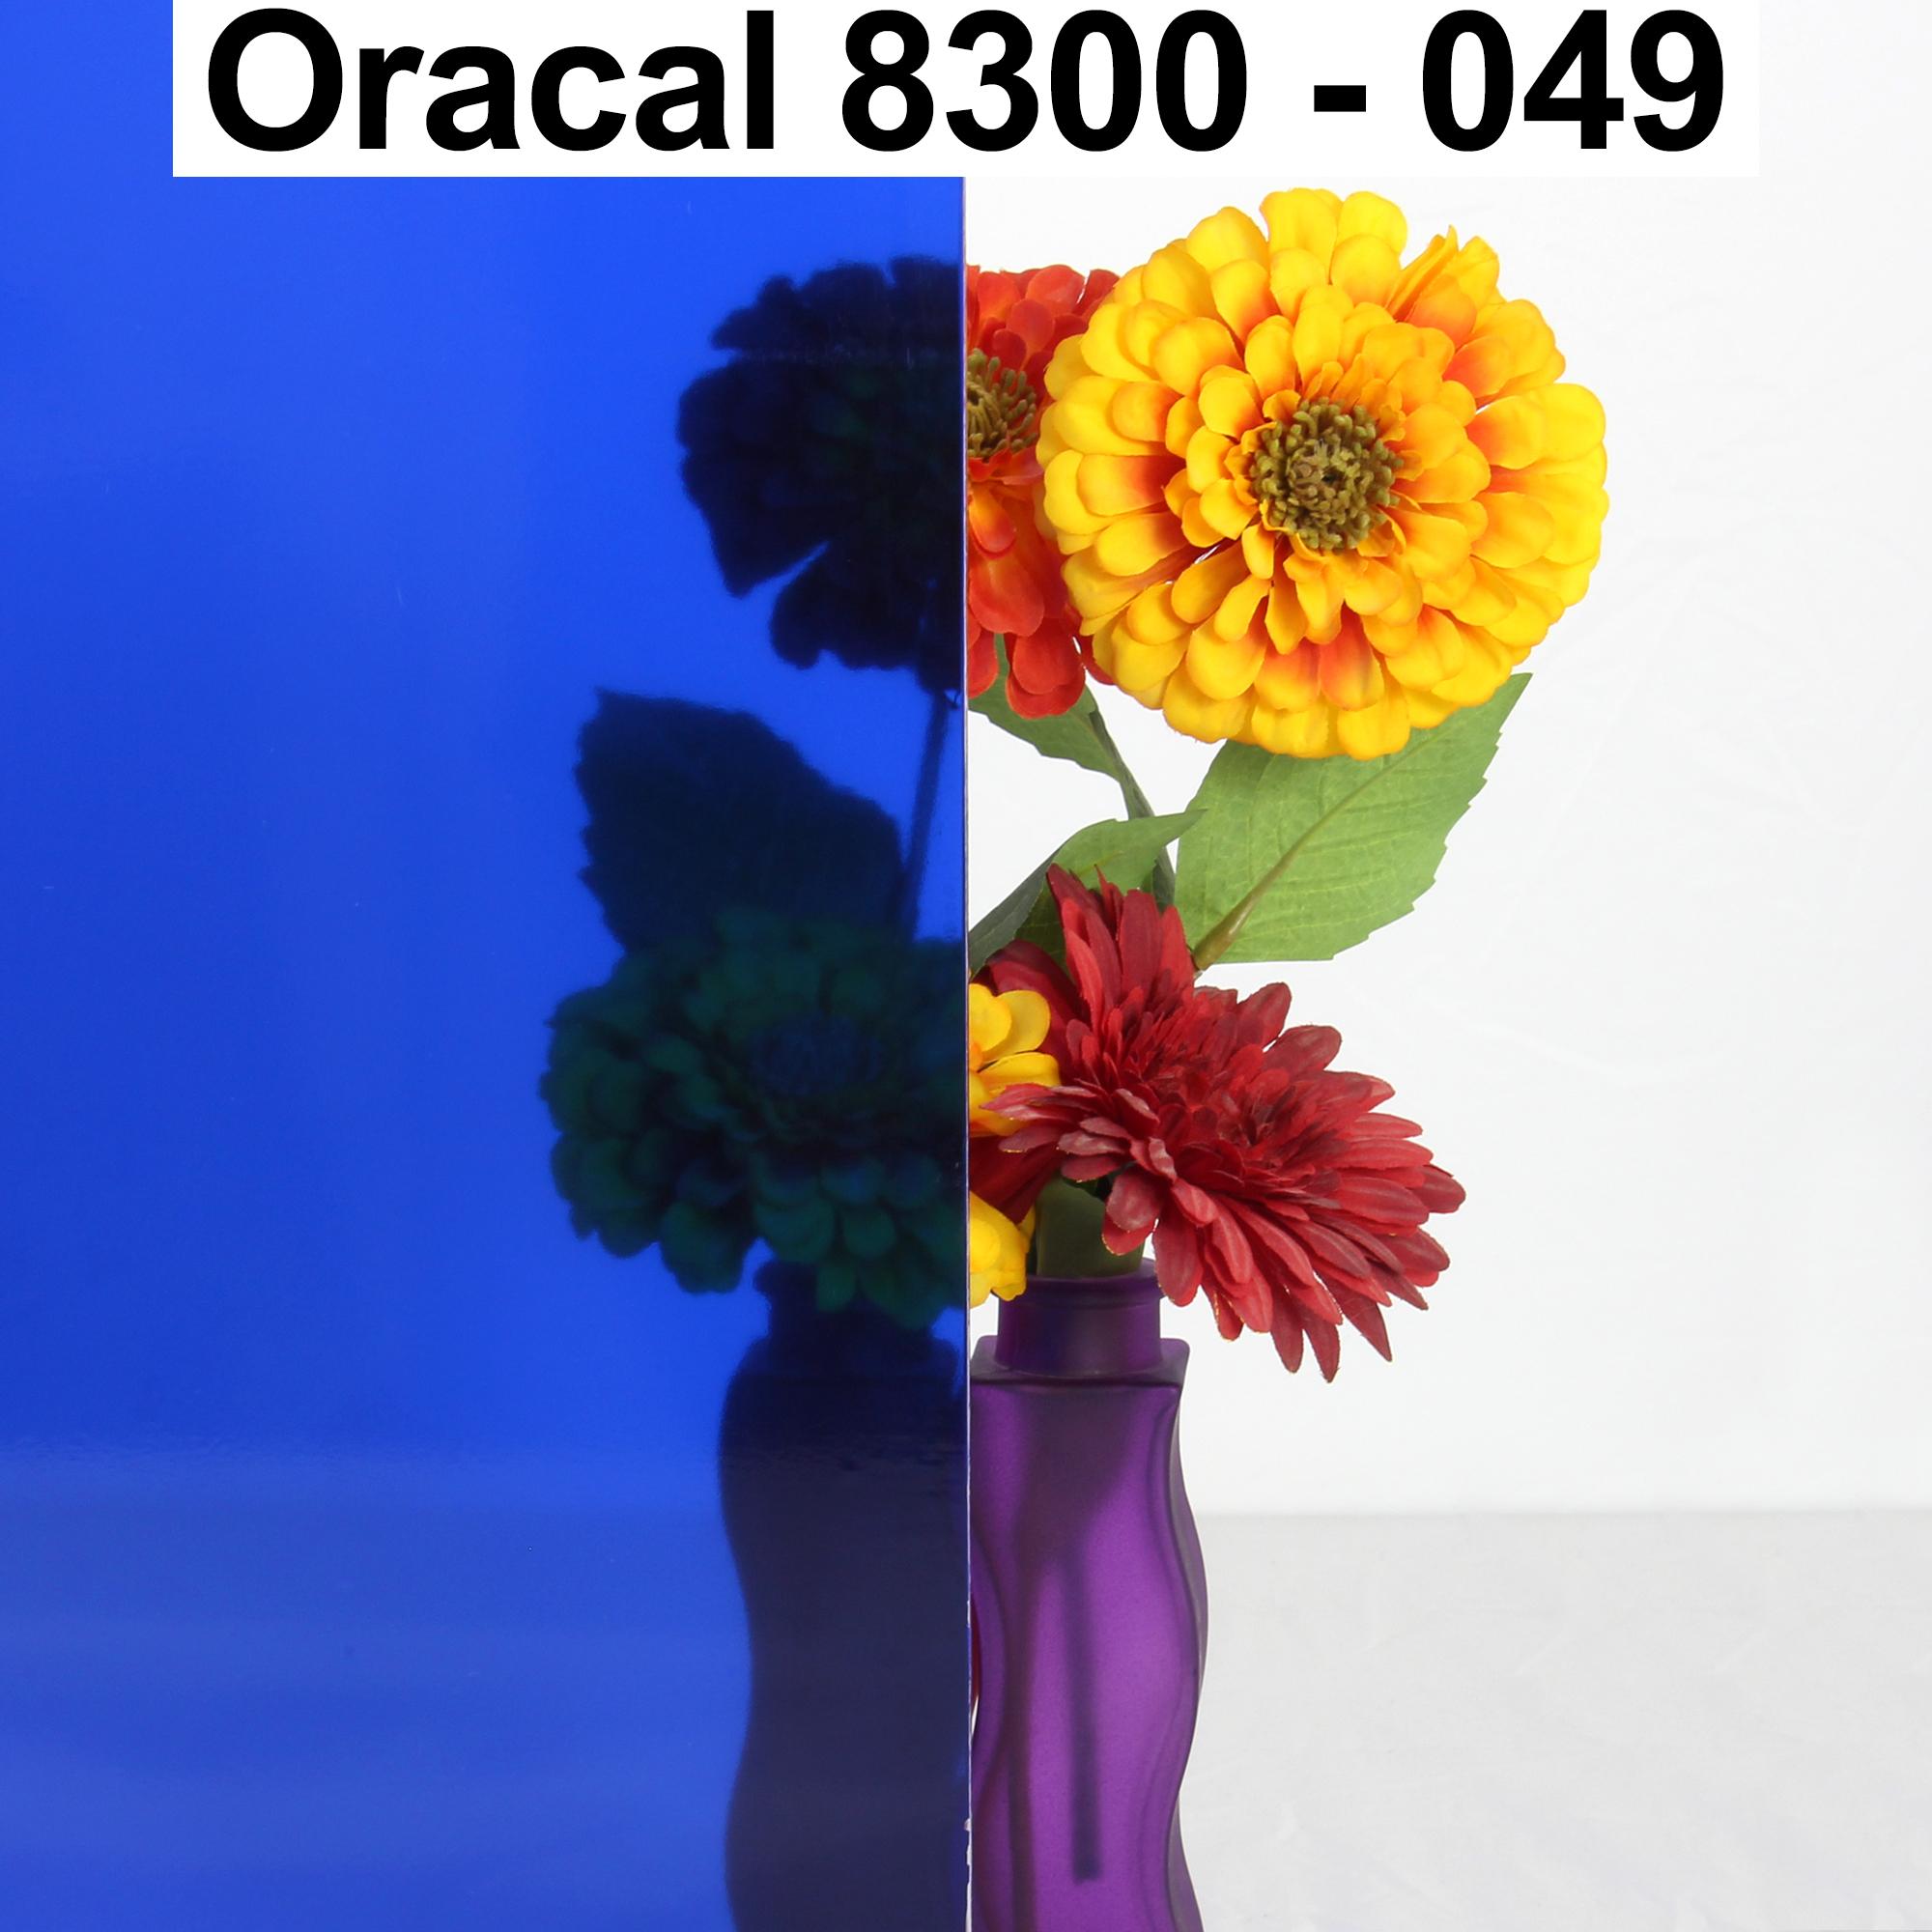 10 unidades, DIN A4, 1 hoja L/áminas adhesivas para ventanas y puertas de cristal color transparente Oracal 8300